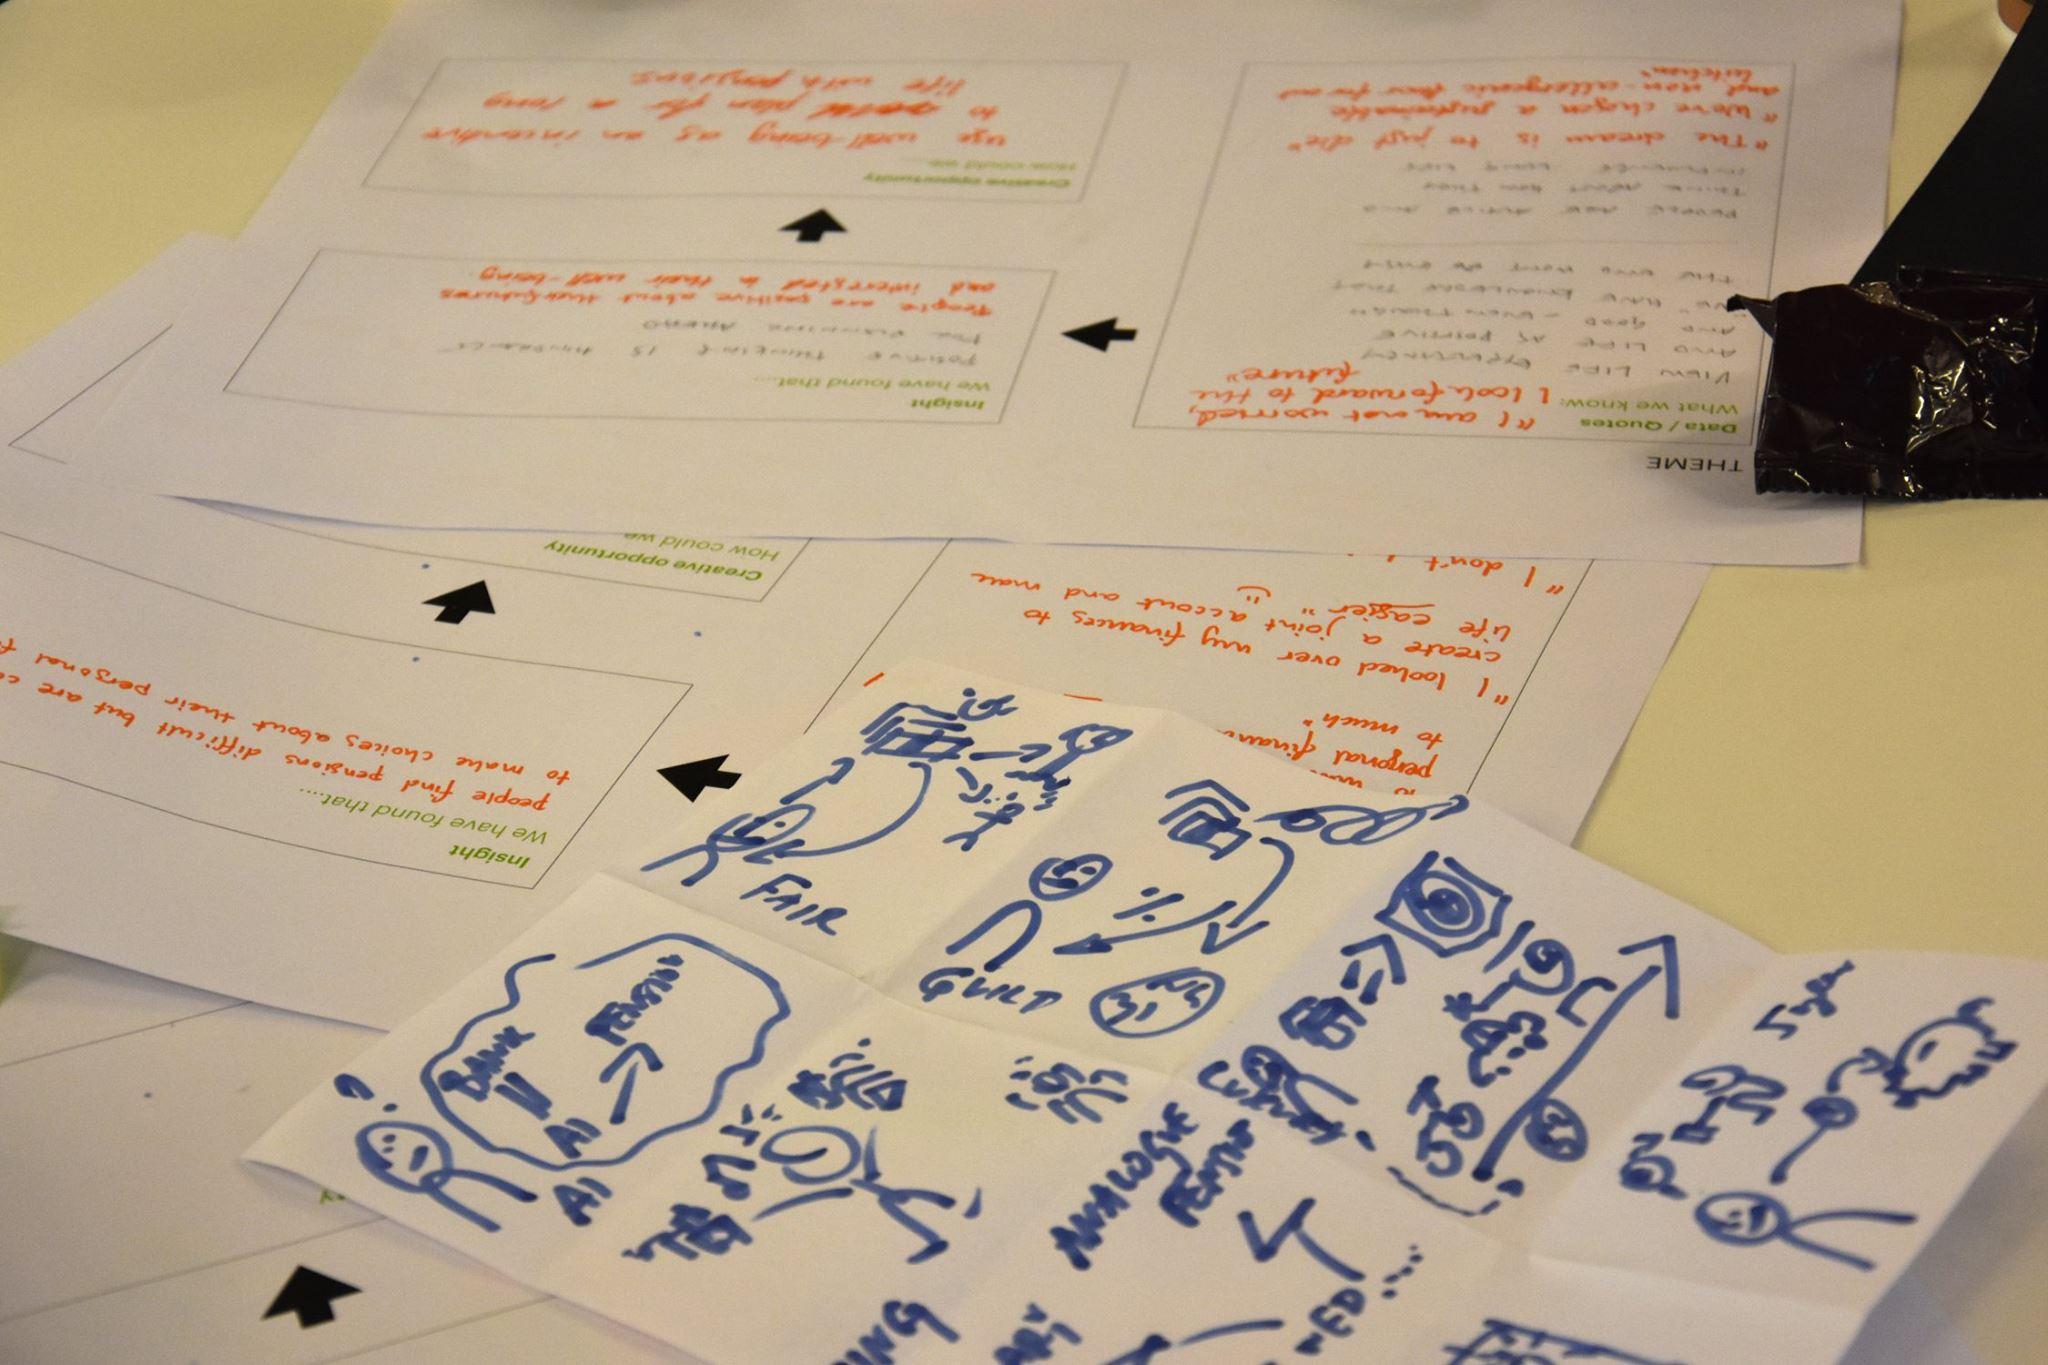 Workshop / Student Notes